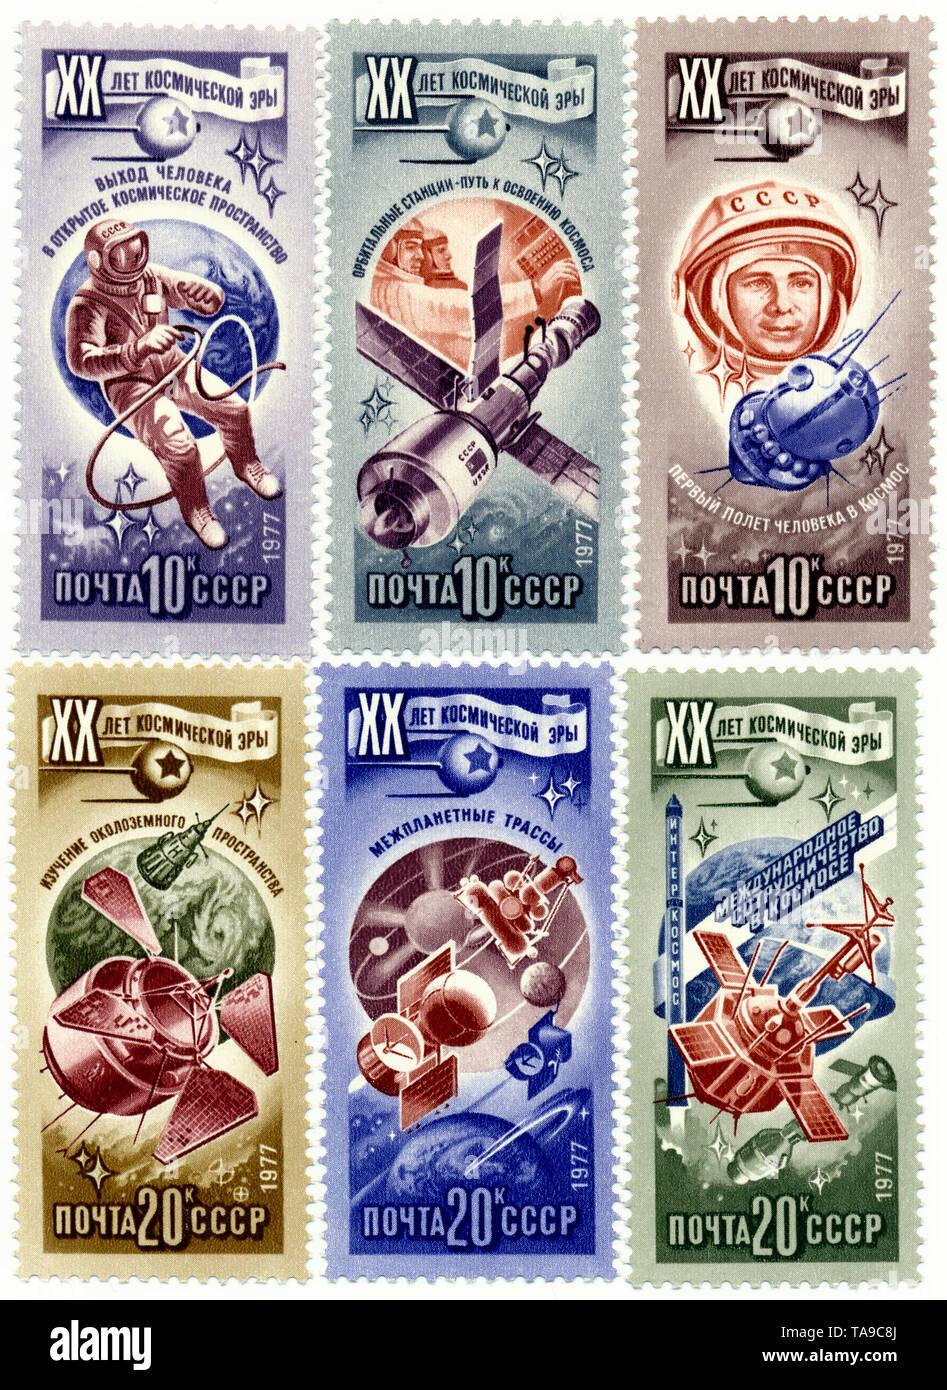 Historic postage stamps of the USSR, 20th Anniversary of the Space Age, the first man in space, Historische Briefmarke, zum 20. Jahrestag des Weltraum-Zeitalters, der erste Mensch im Weltraum,  1977, UDSSR - Stock Image